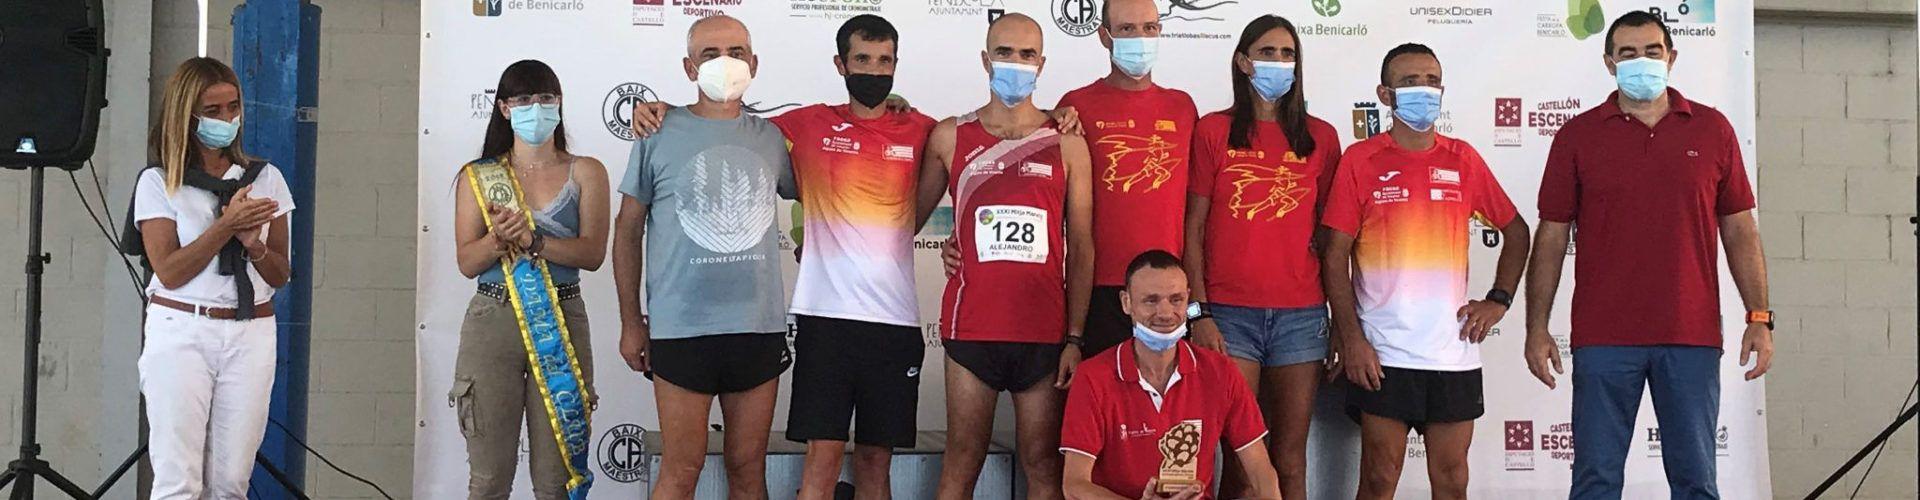 Àmplia participació vinarossenca en la XXXI Mitja Marató de la Carxofa a Benicarló